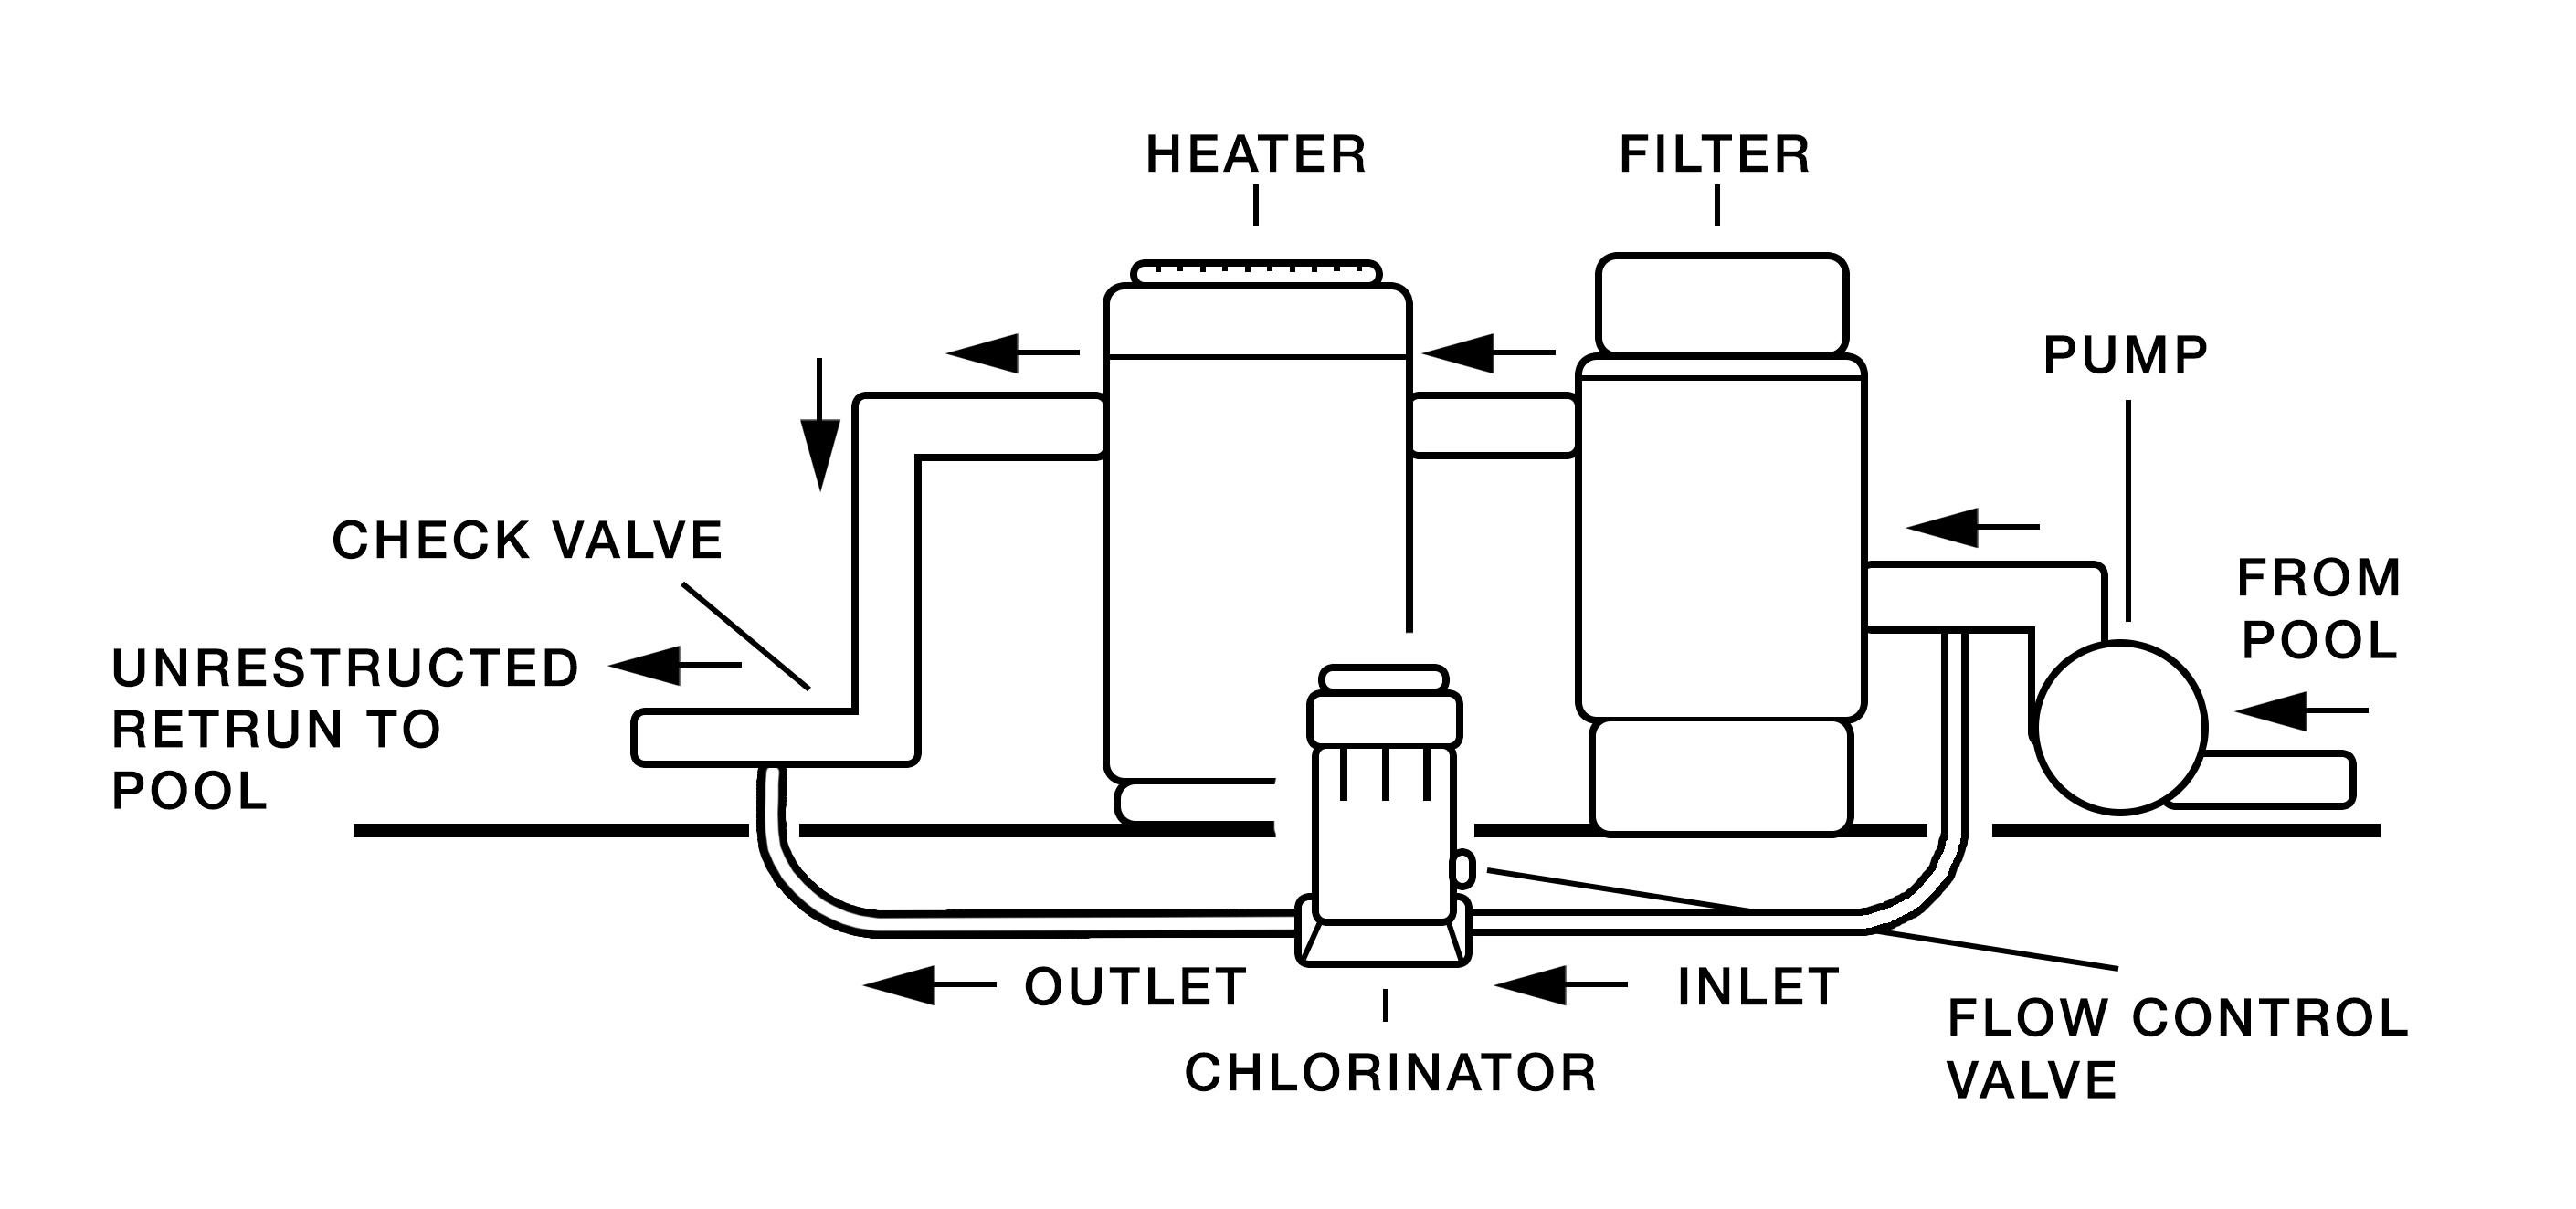 swimming pool water flow diagram 1998 honda crv wiring repair guides diagrams salt plumbing engine and